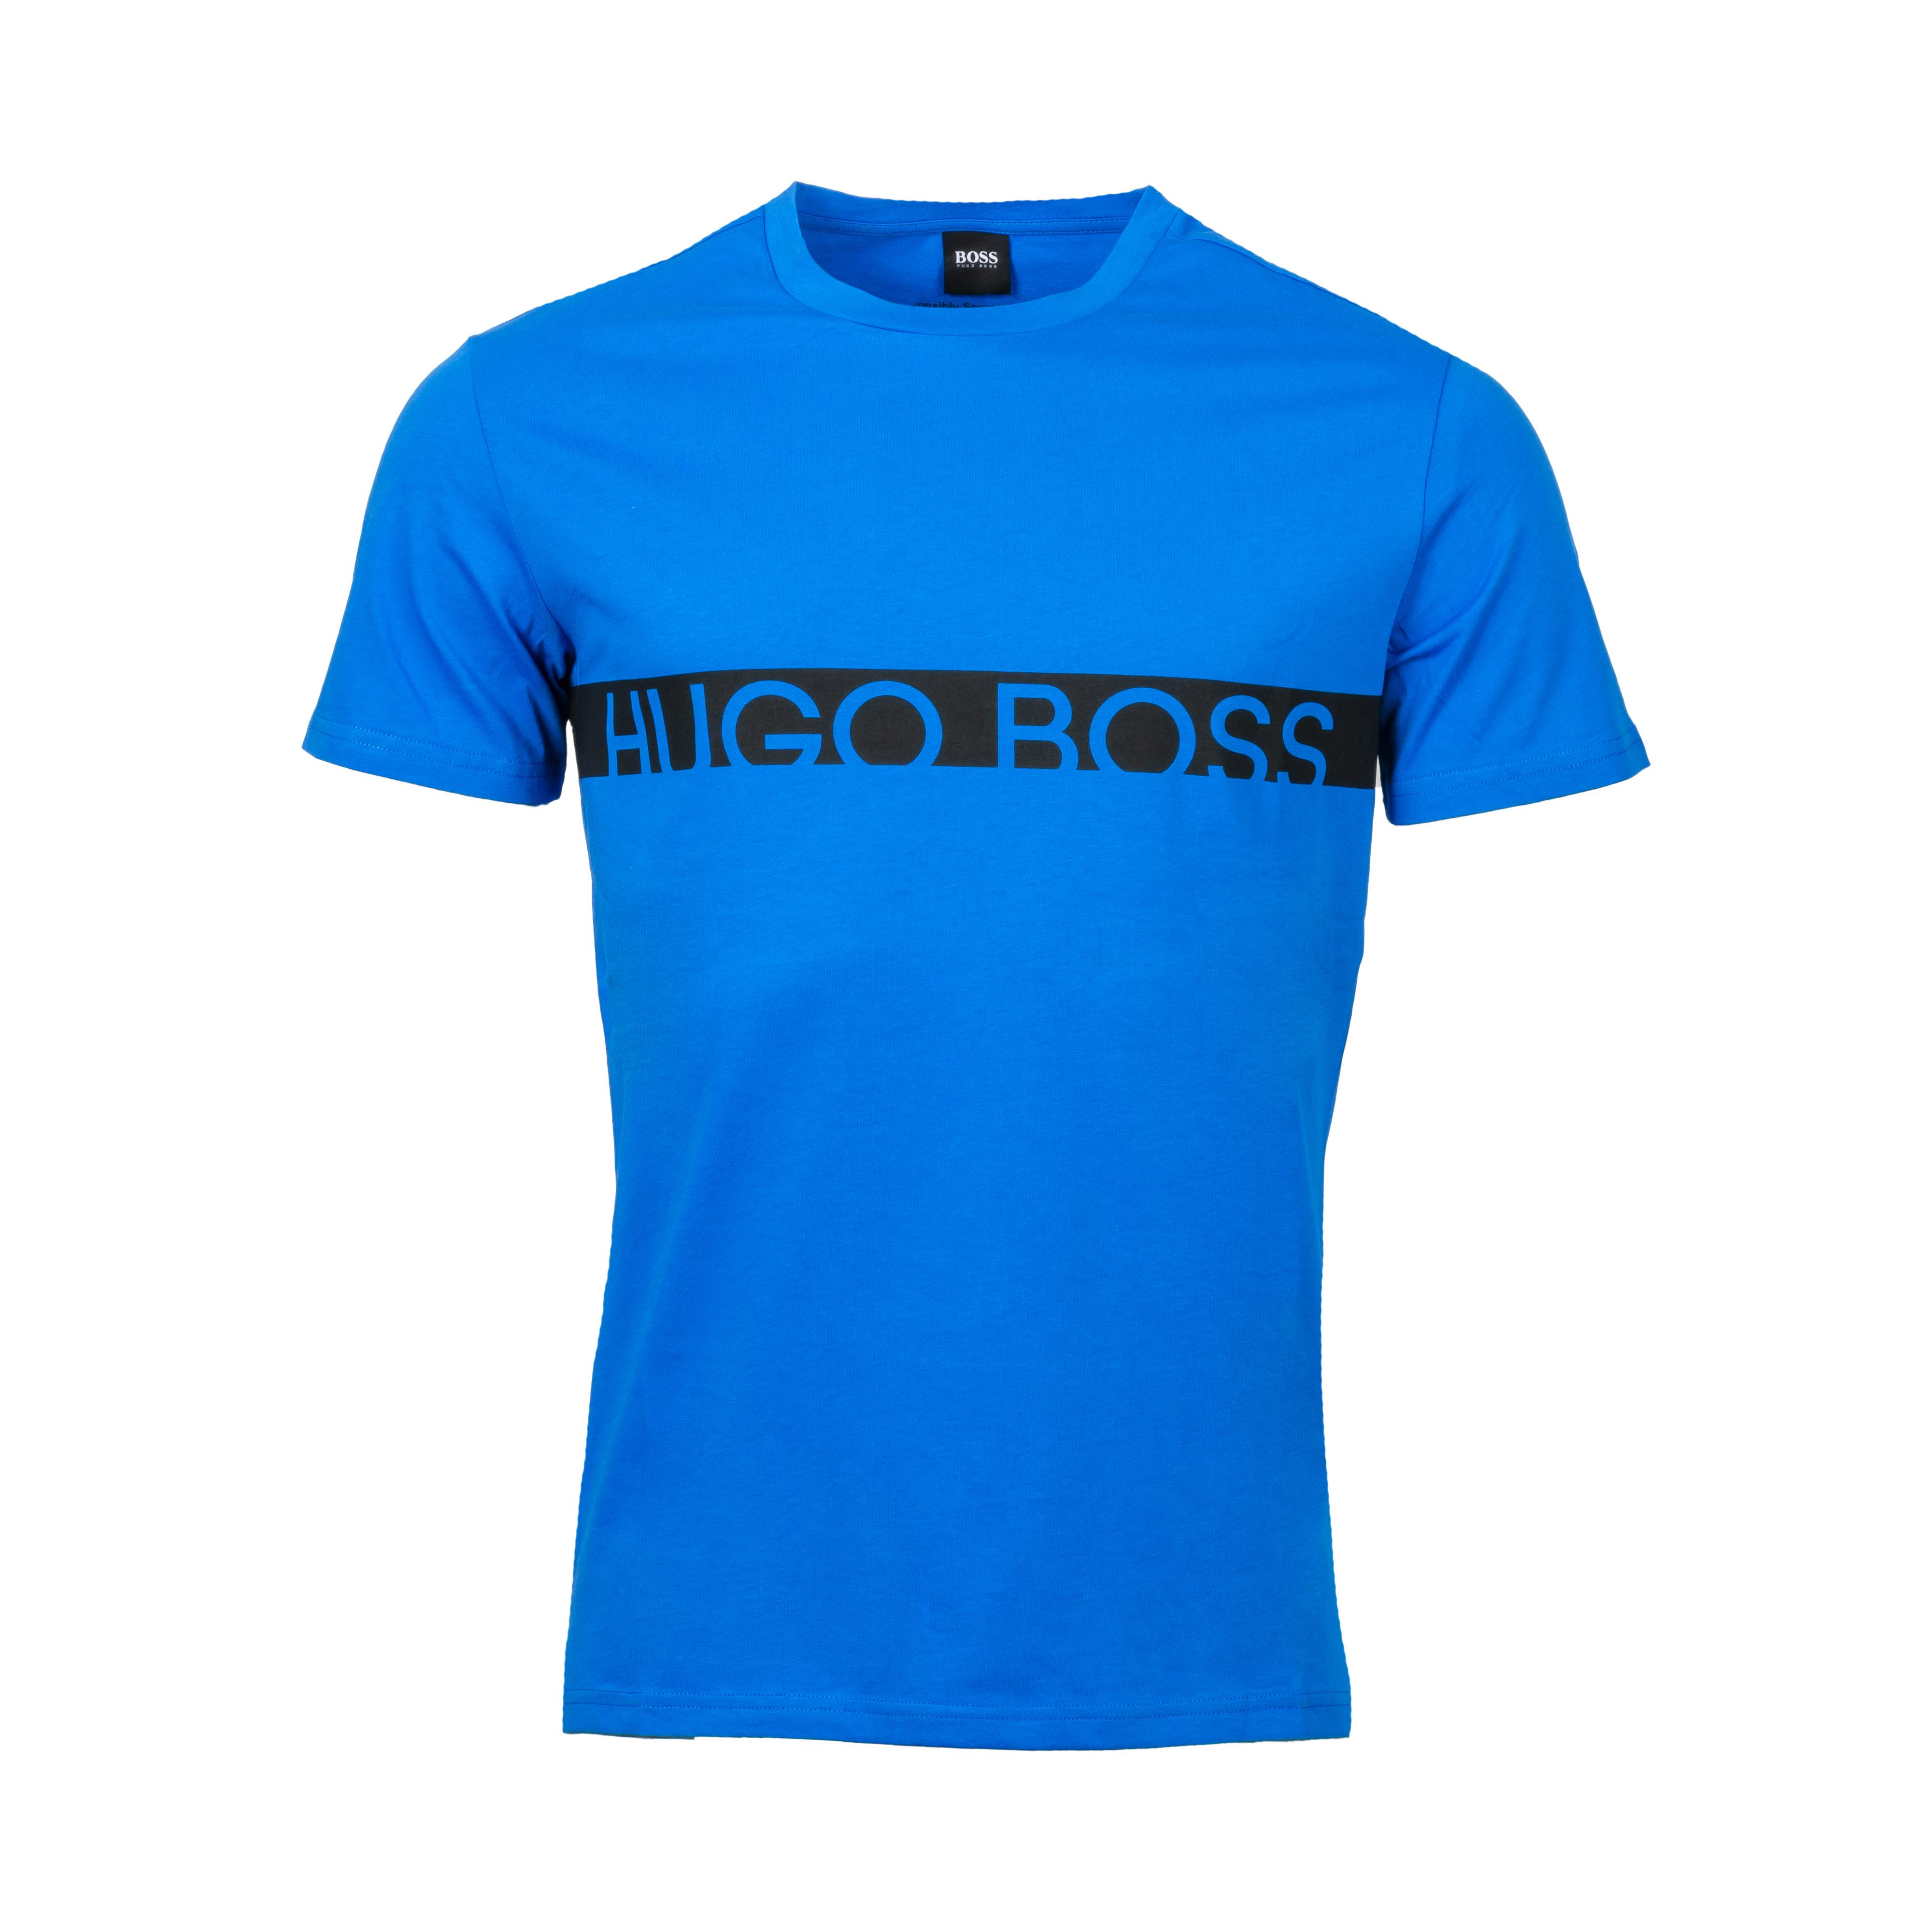 Tee-shirt col rond anti uv  en coton bleu électrique floqué en noir